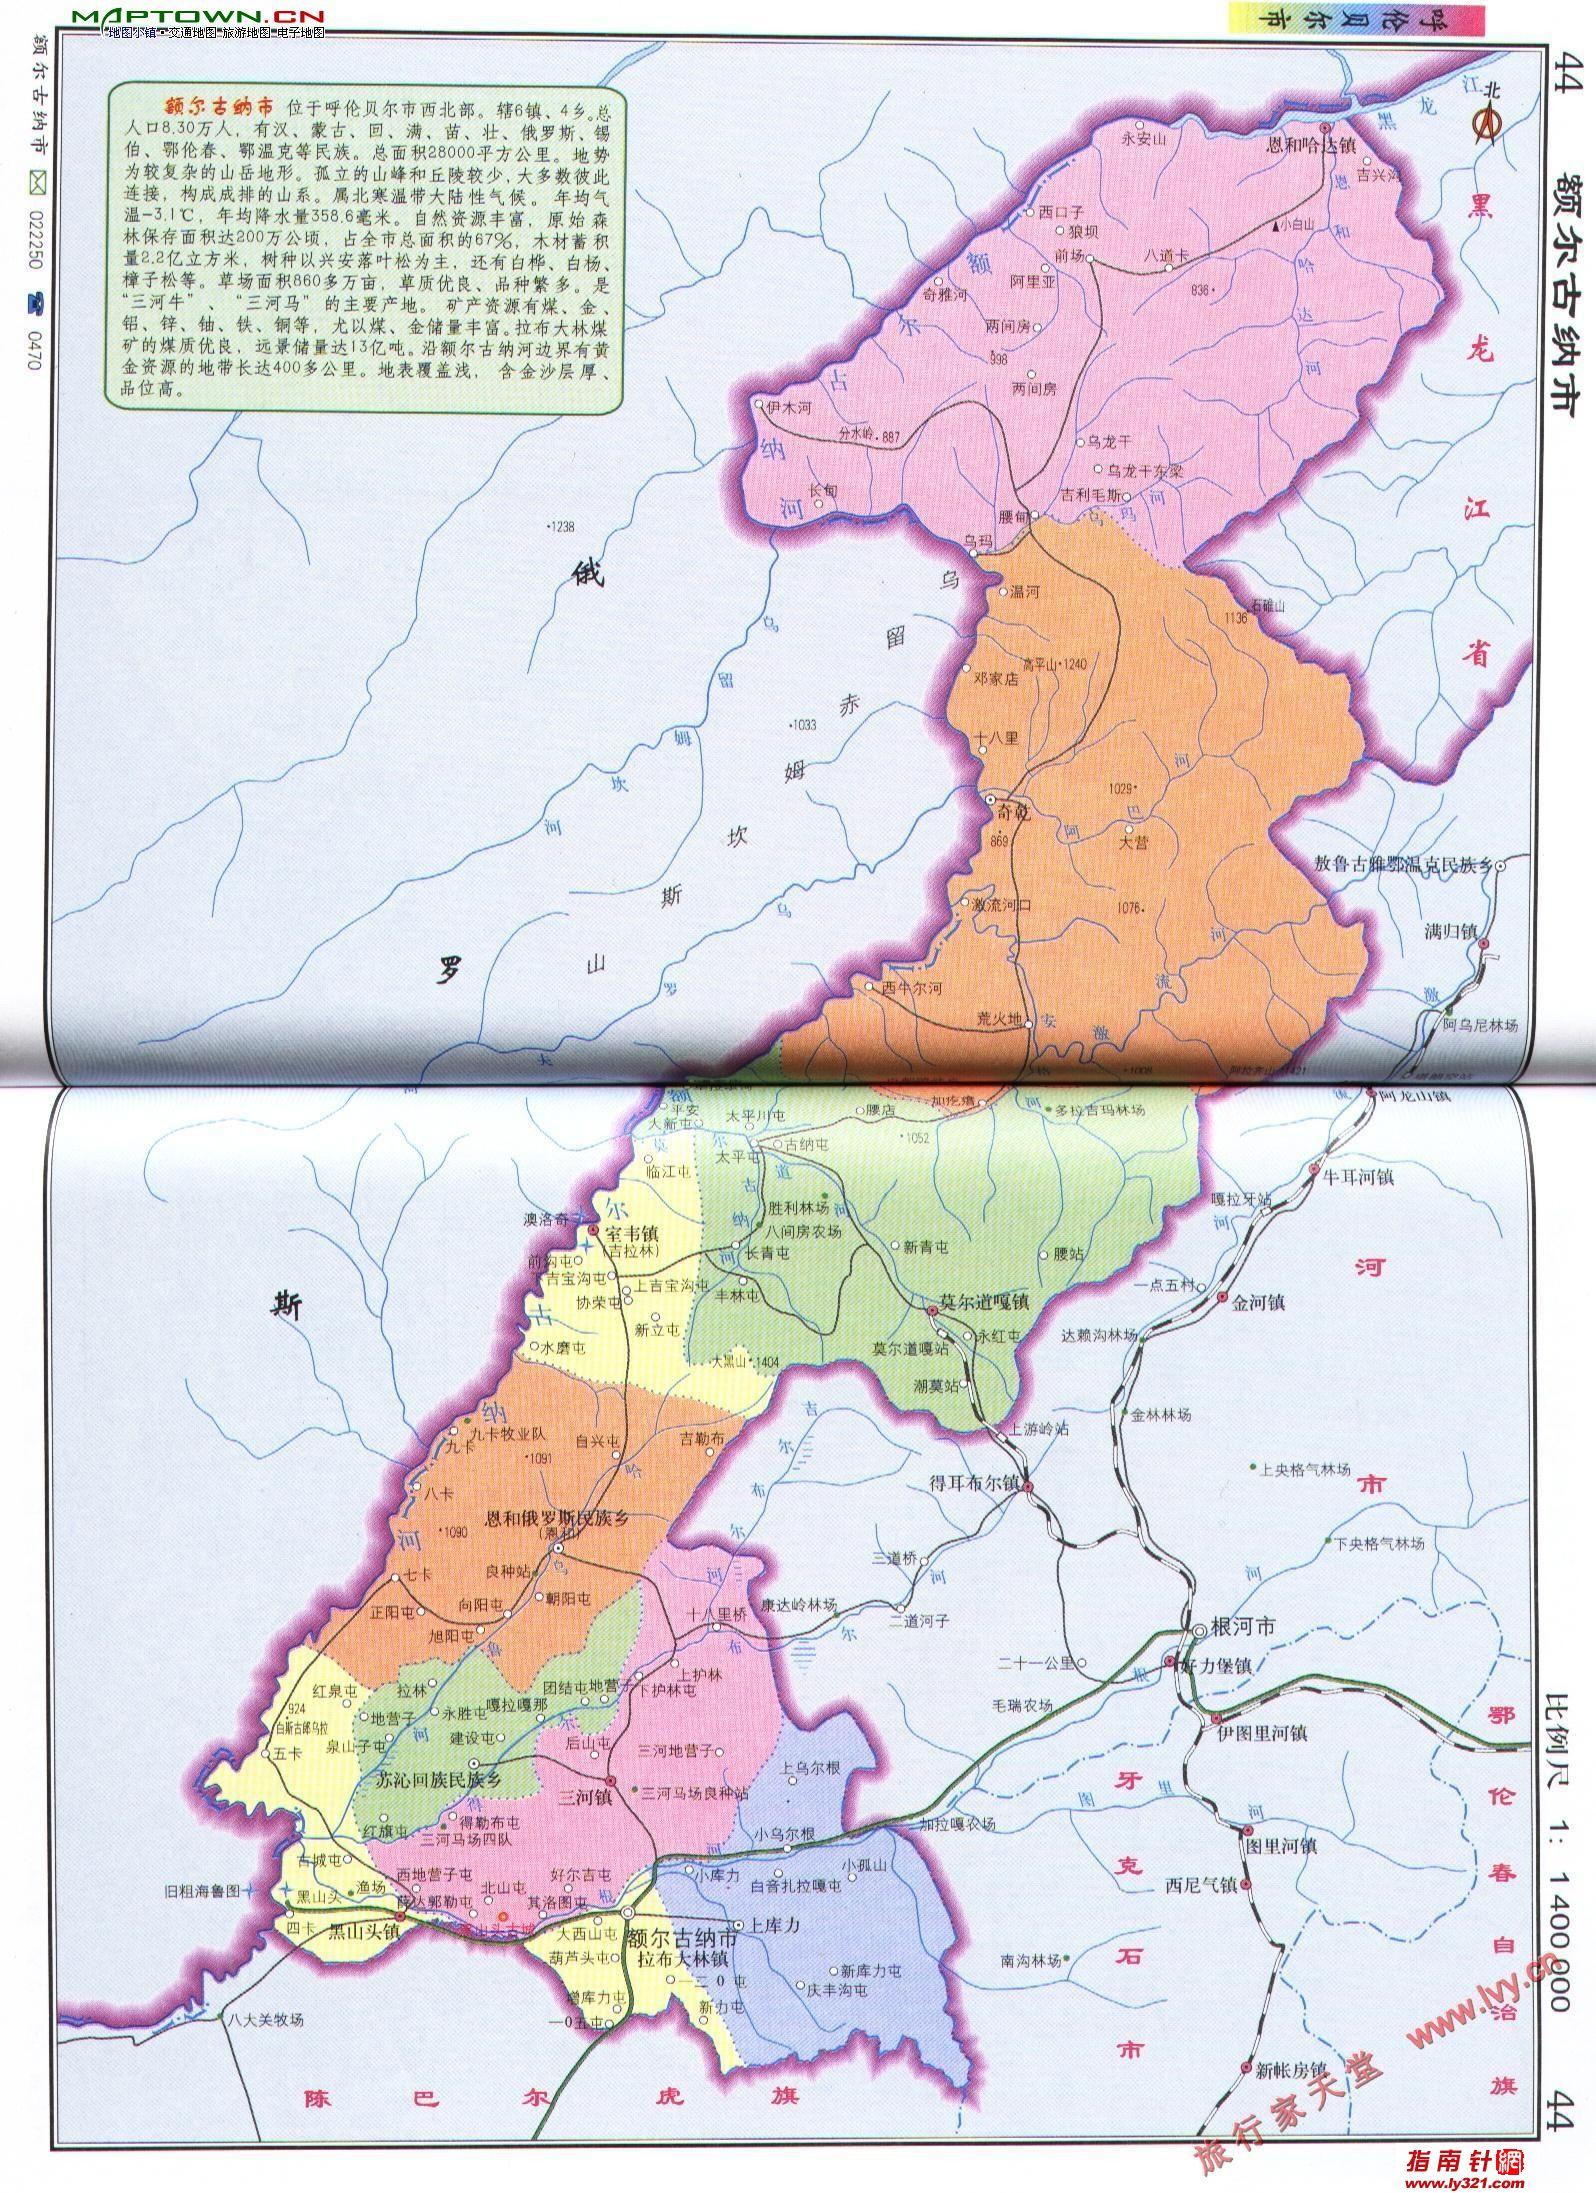 内蒙古呼伦贝尔额尔古纳市区划交通地图